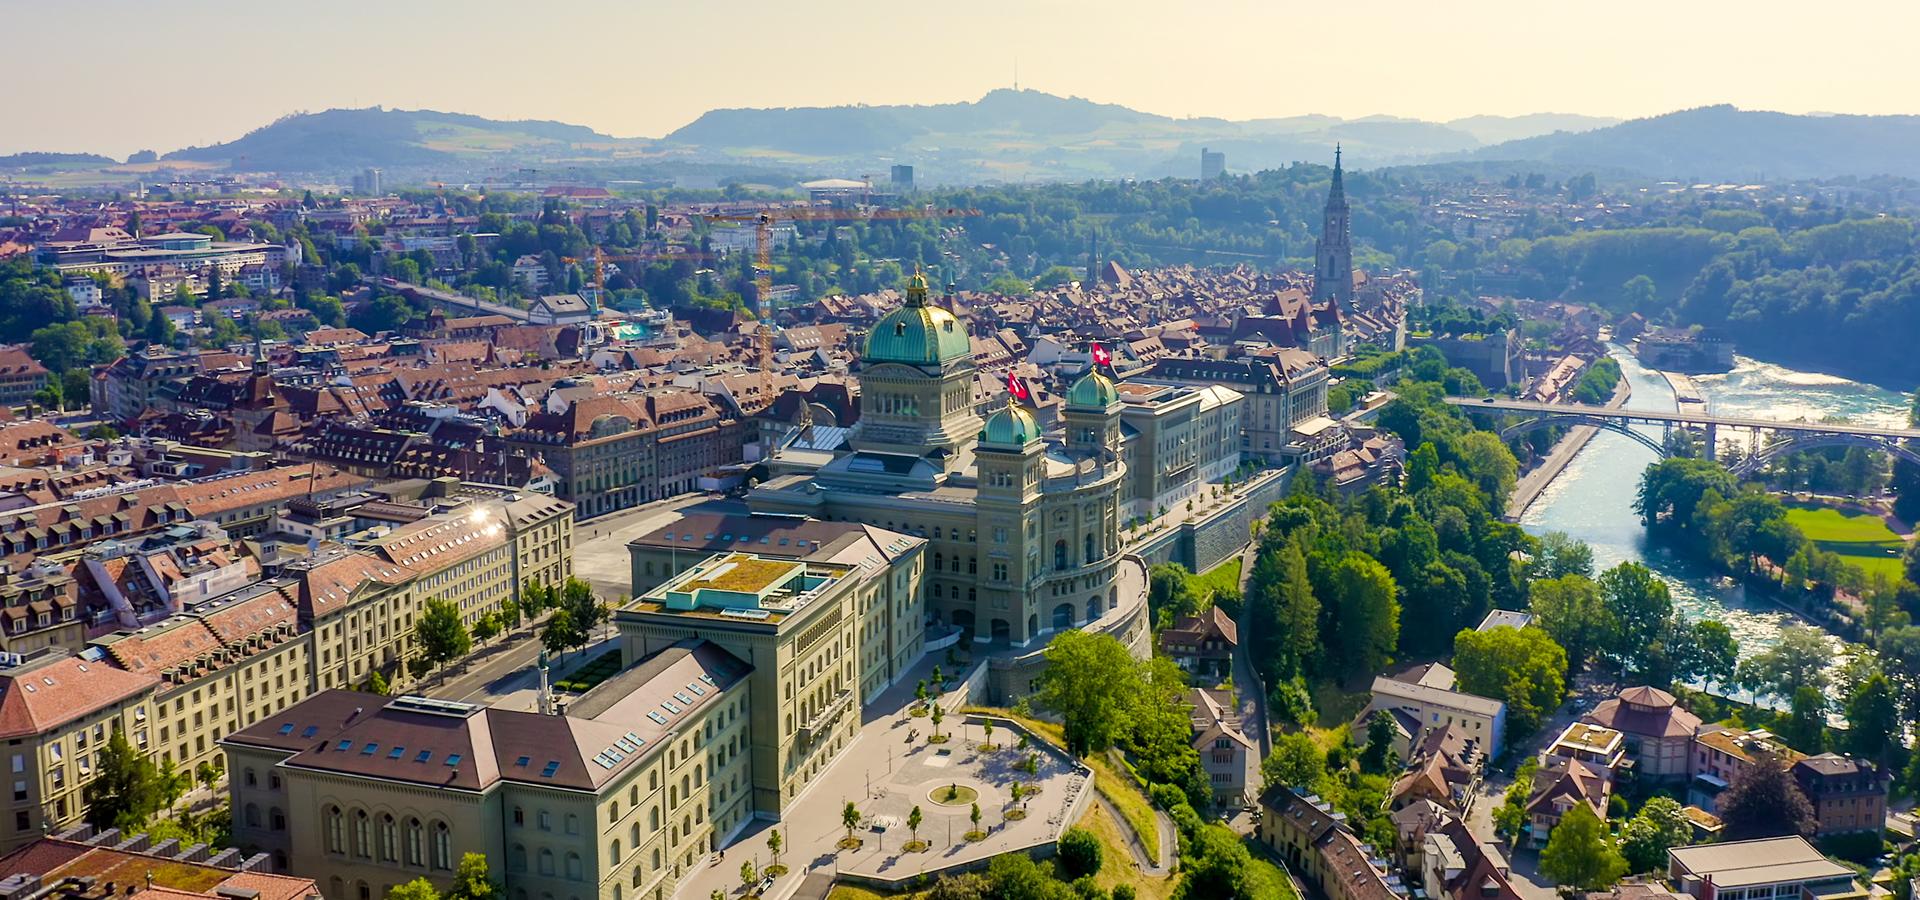 Peer-to-peer advisory in Bern, Canton of Berne, Switzerland